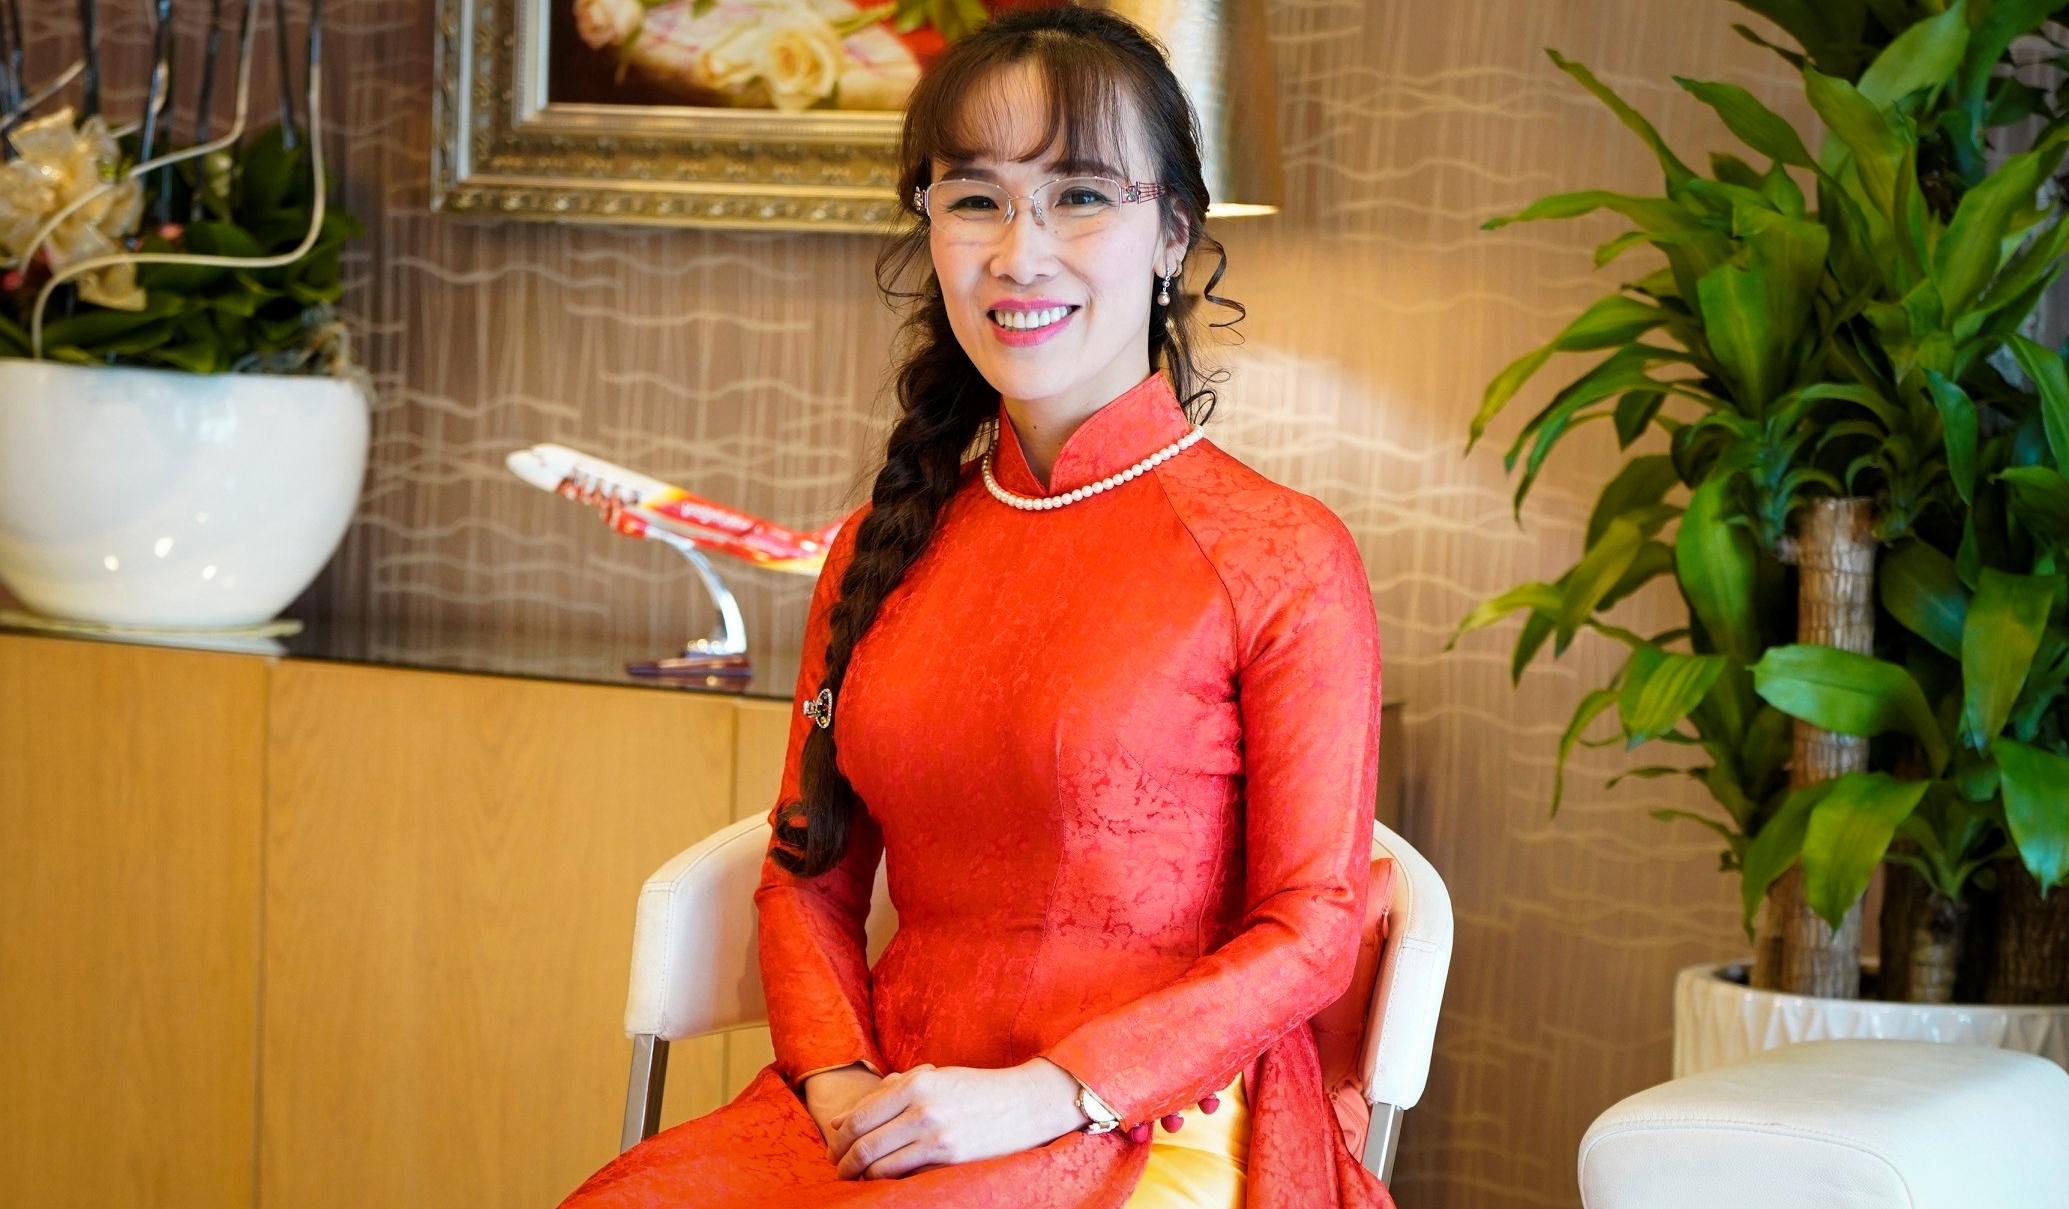 Tỷ phú Vietjet Nguyễn Thị Phương Thảo: Phụ nữ hãy cứ cố gắng gấp 3 người thường! - Ảnh 11